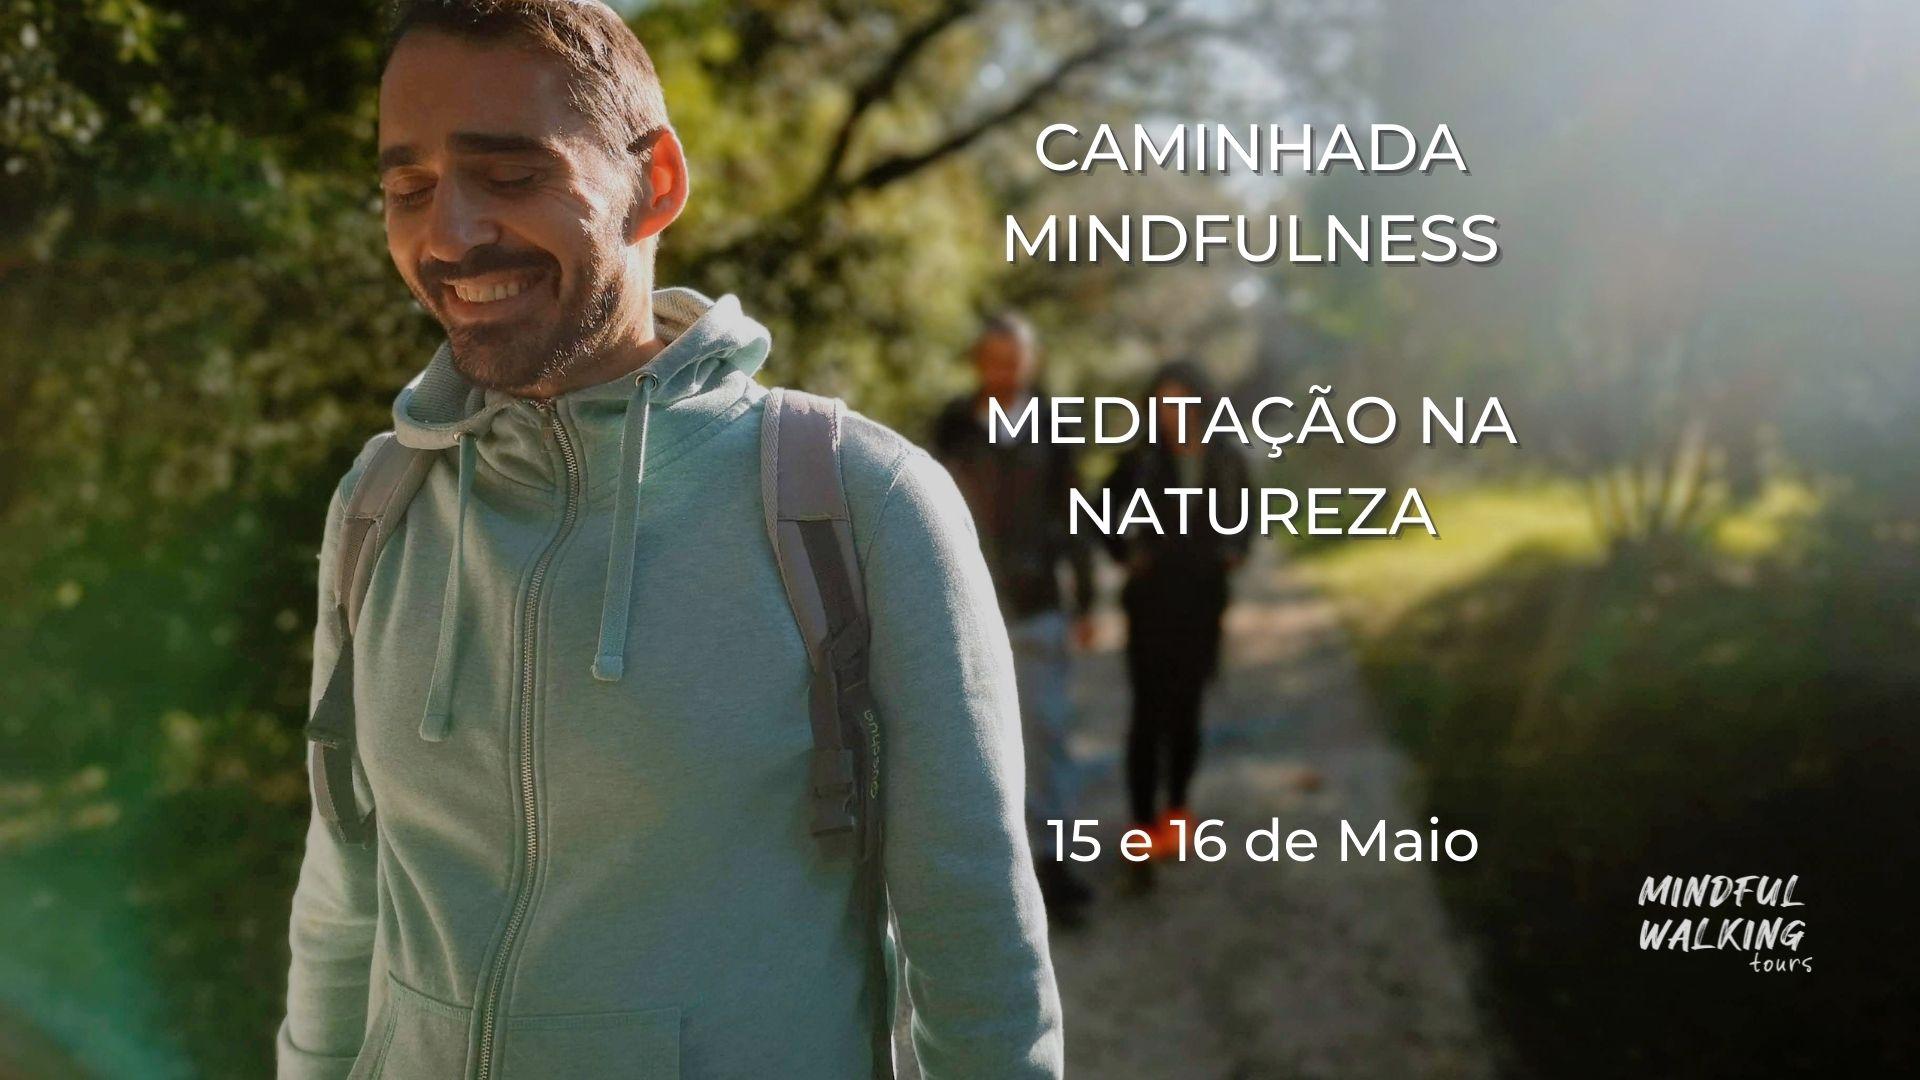 CAMINHADA MINDFULNESS E MEDITAÇÃO NA NATUREZA